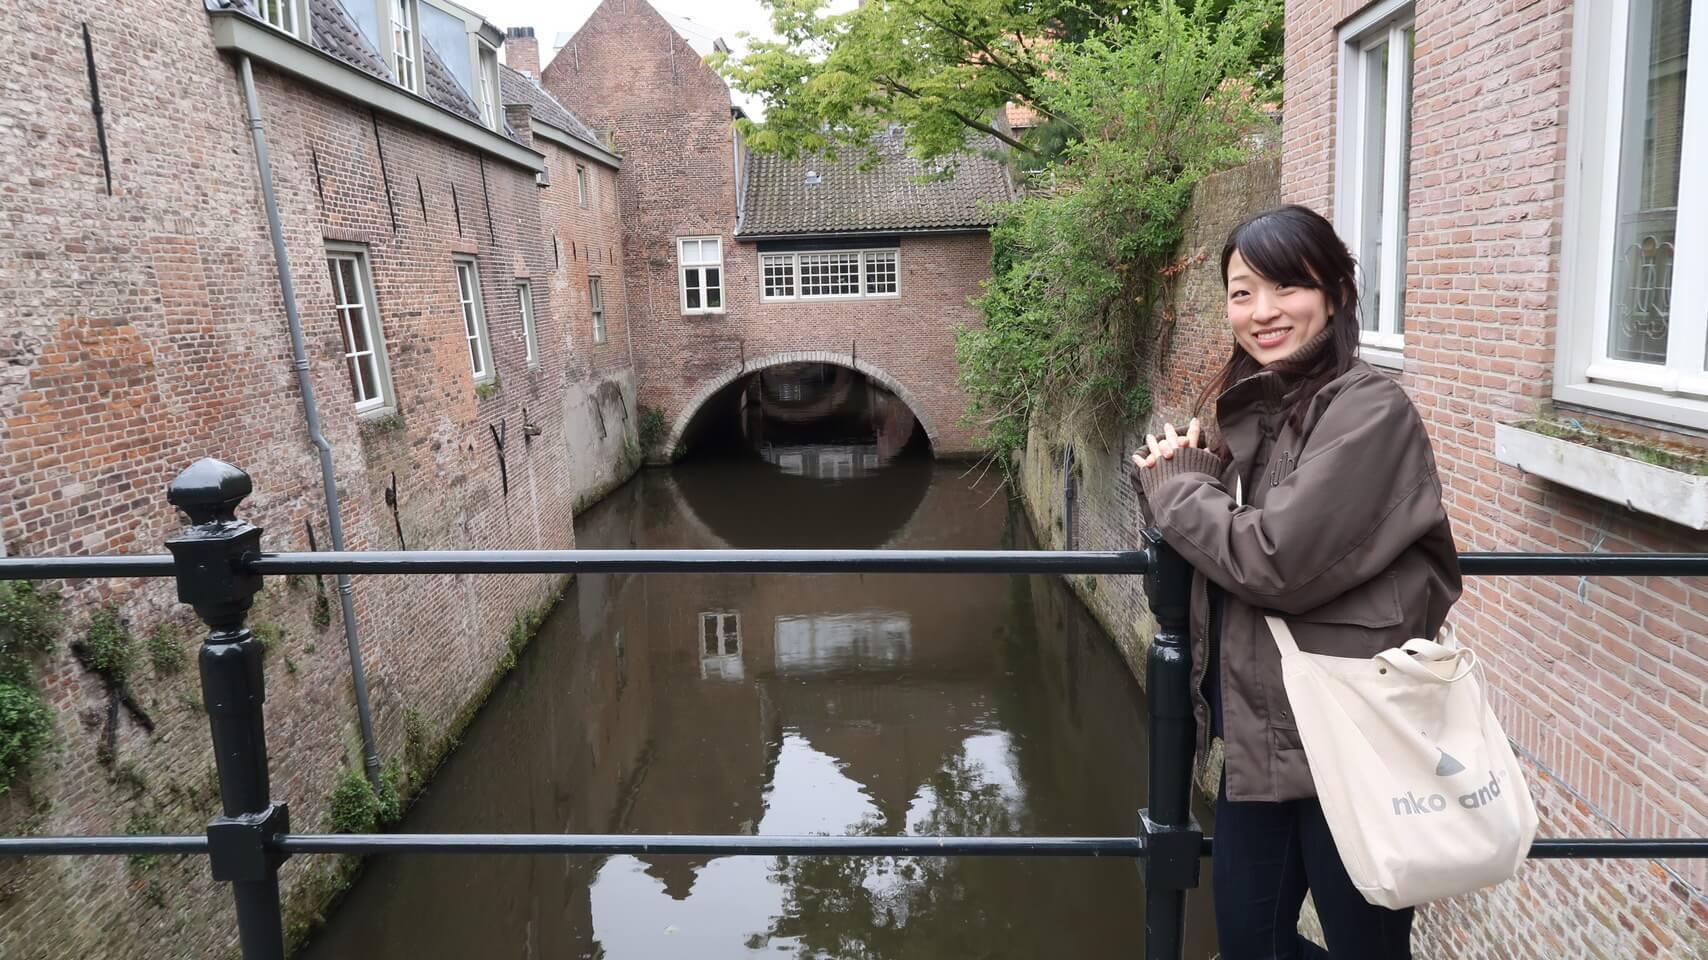 オランダに移住した翌日の街散歩中